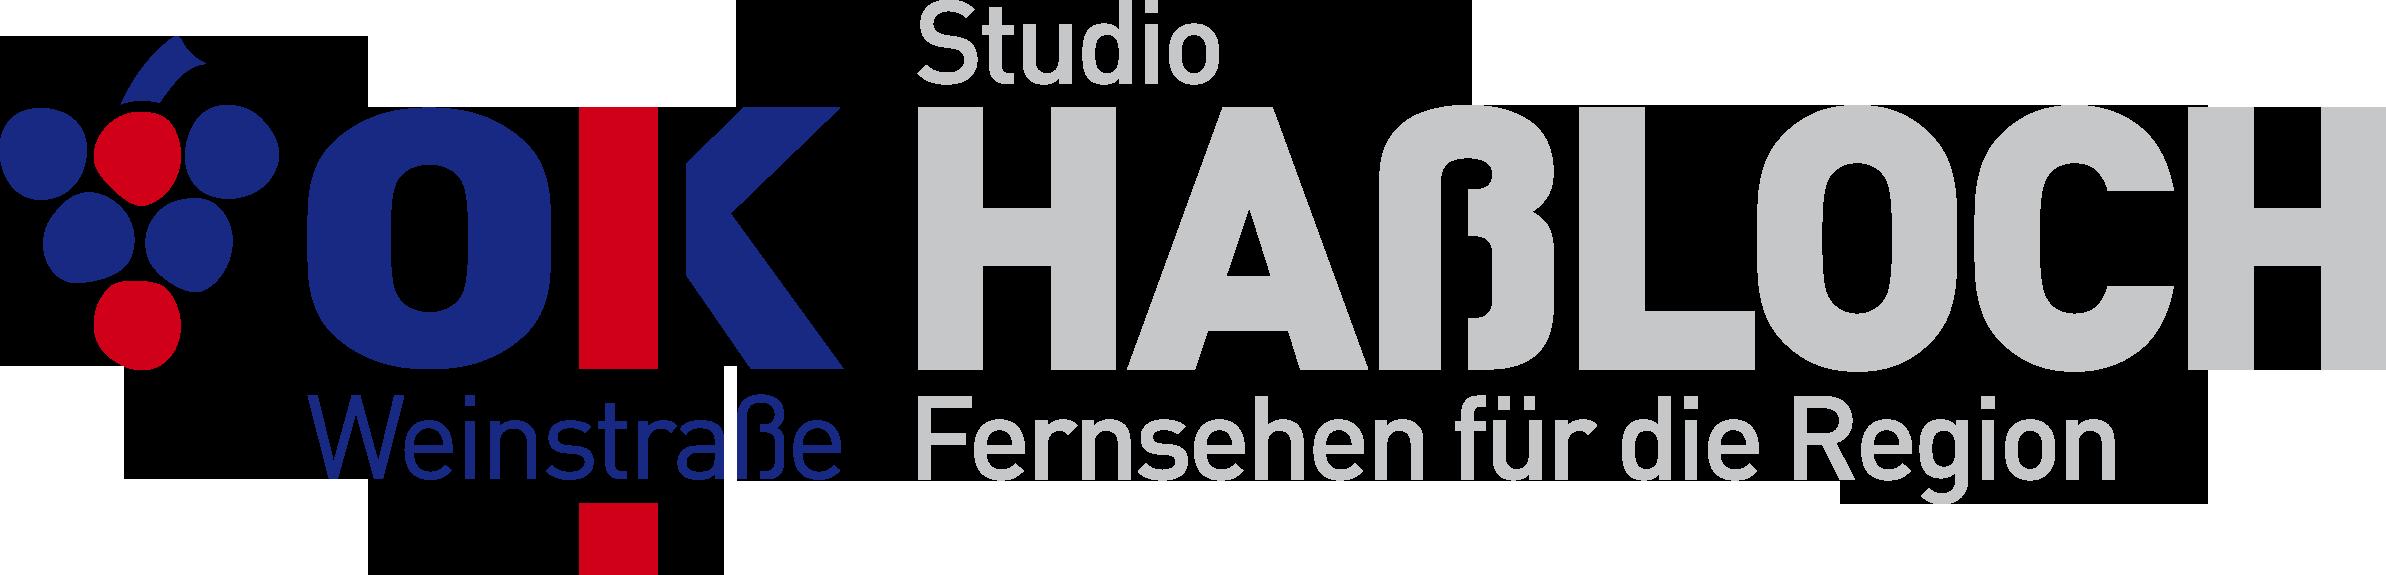 Haßloch/OK Weinstraße